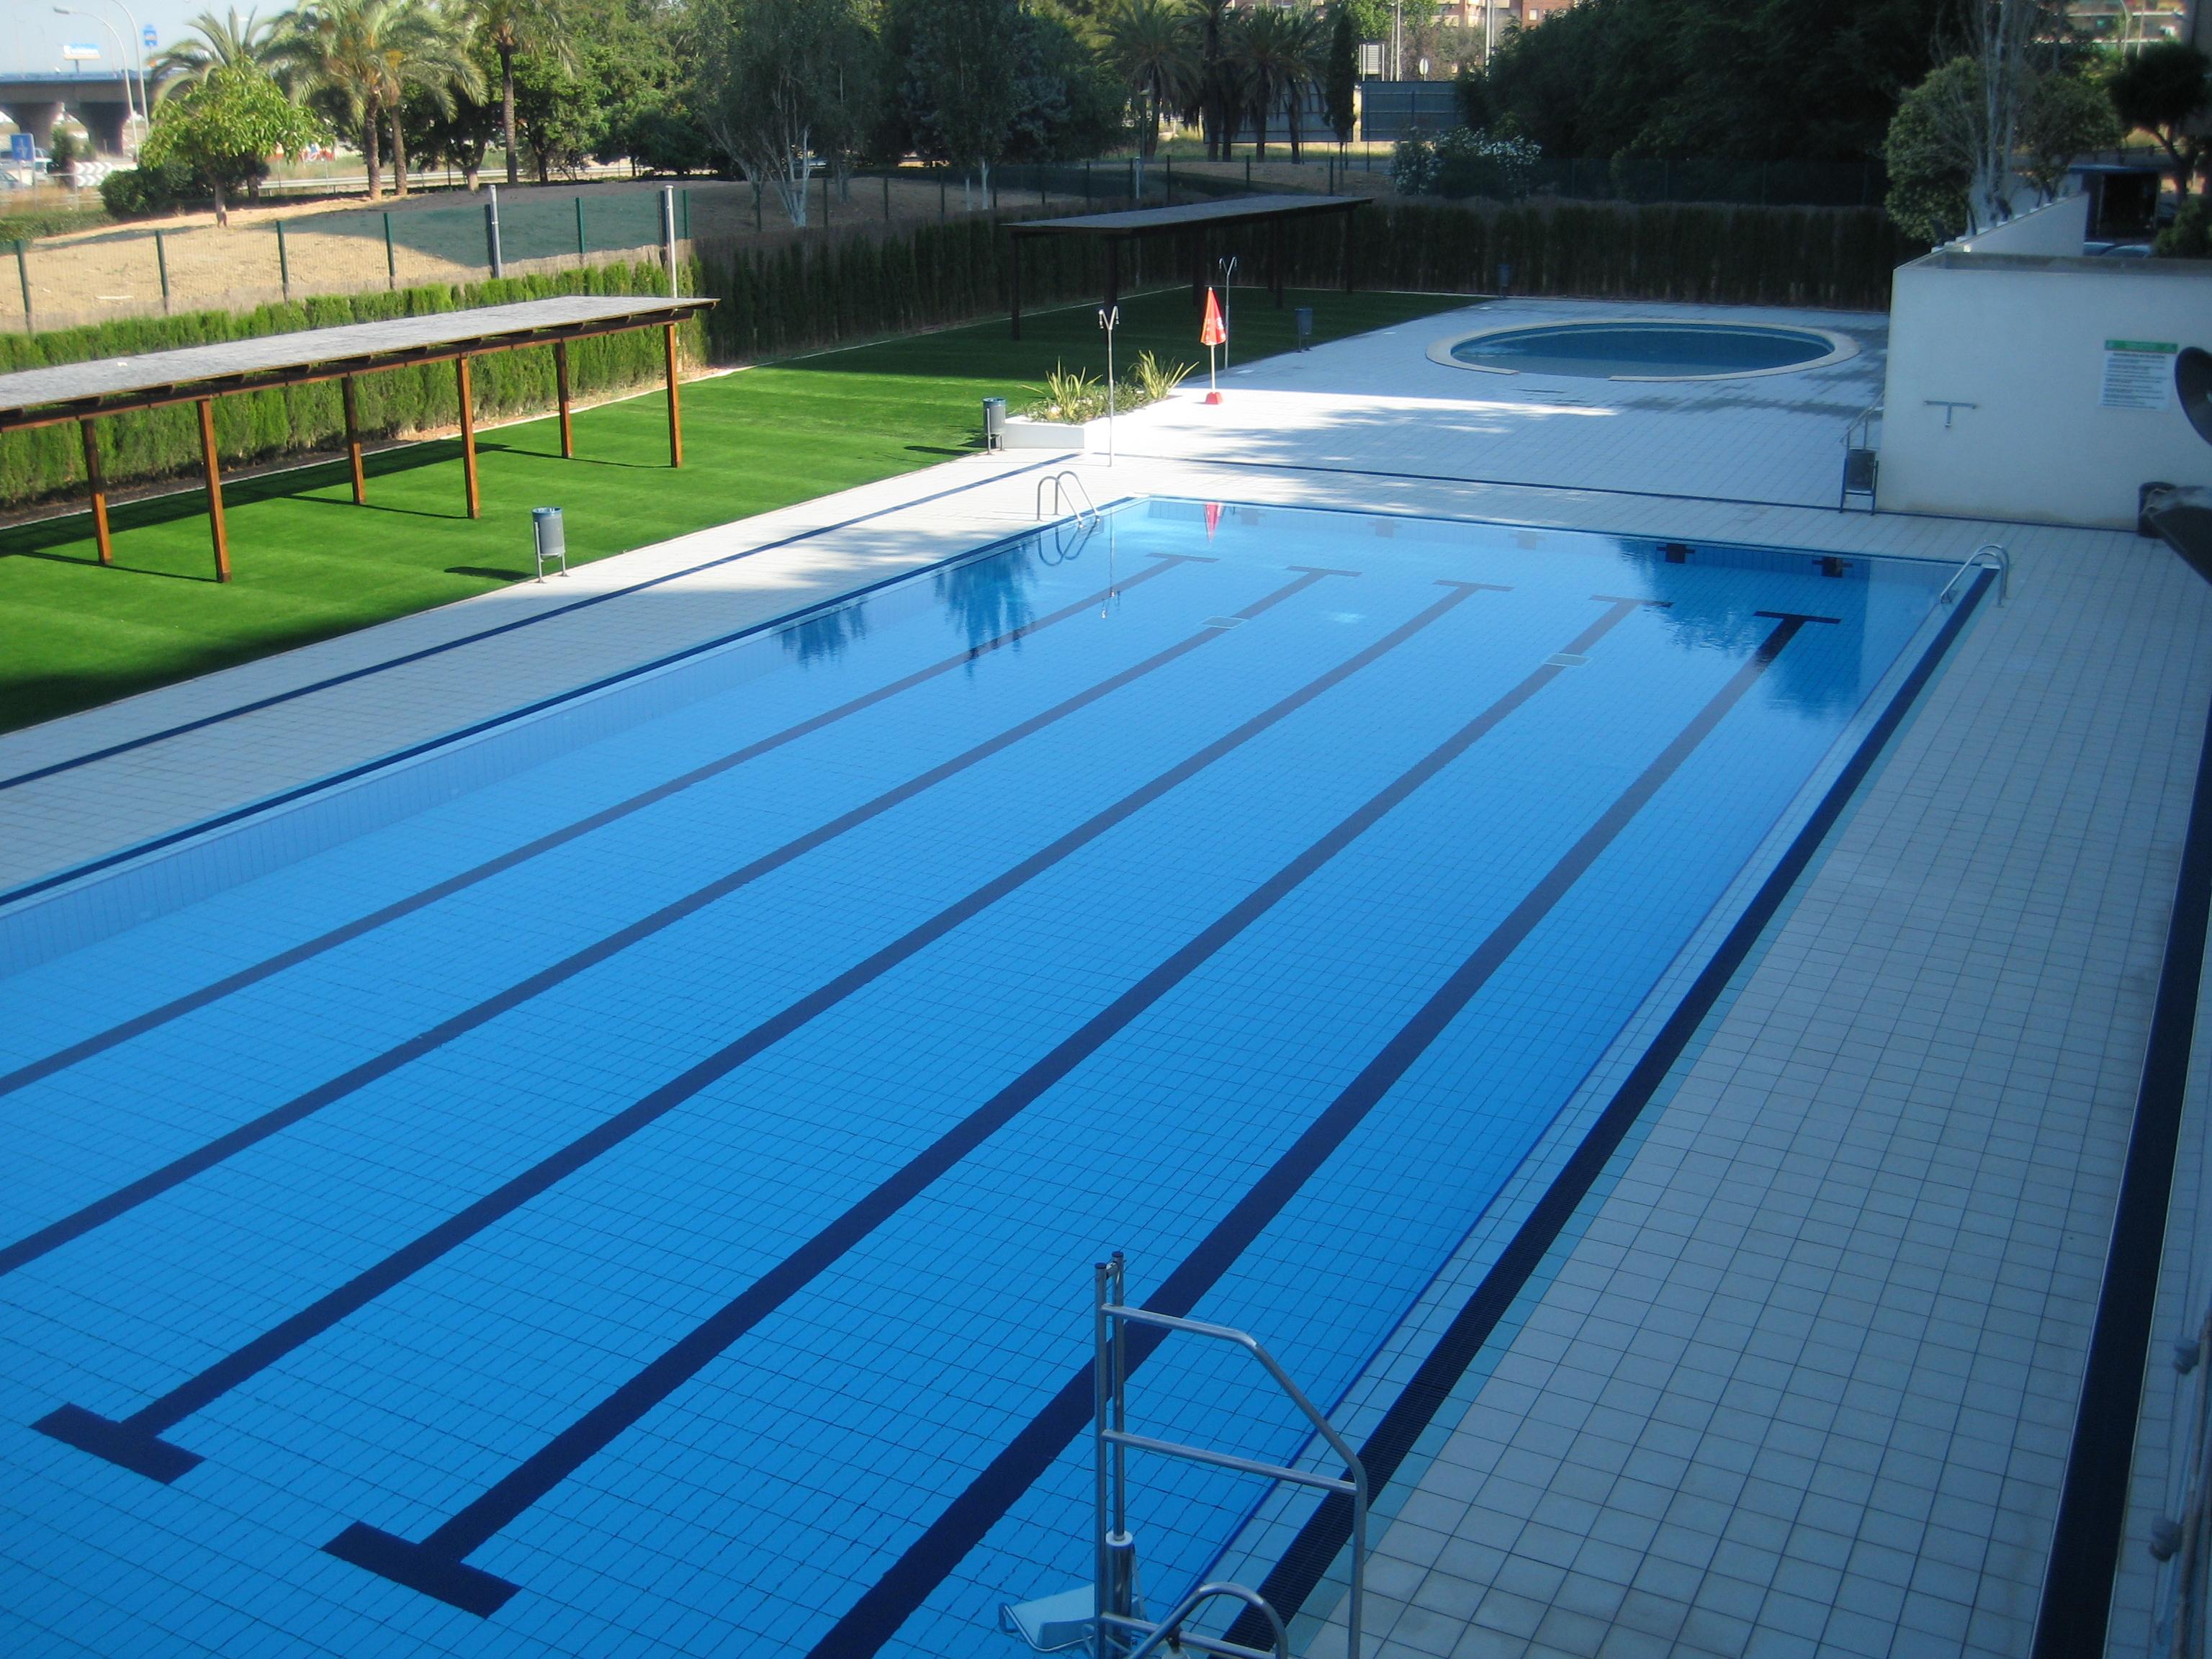 L nea verde ayuntamiento de xirivella for Piscina de natacion